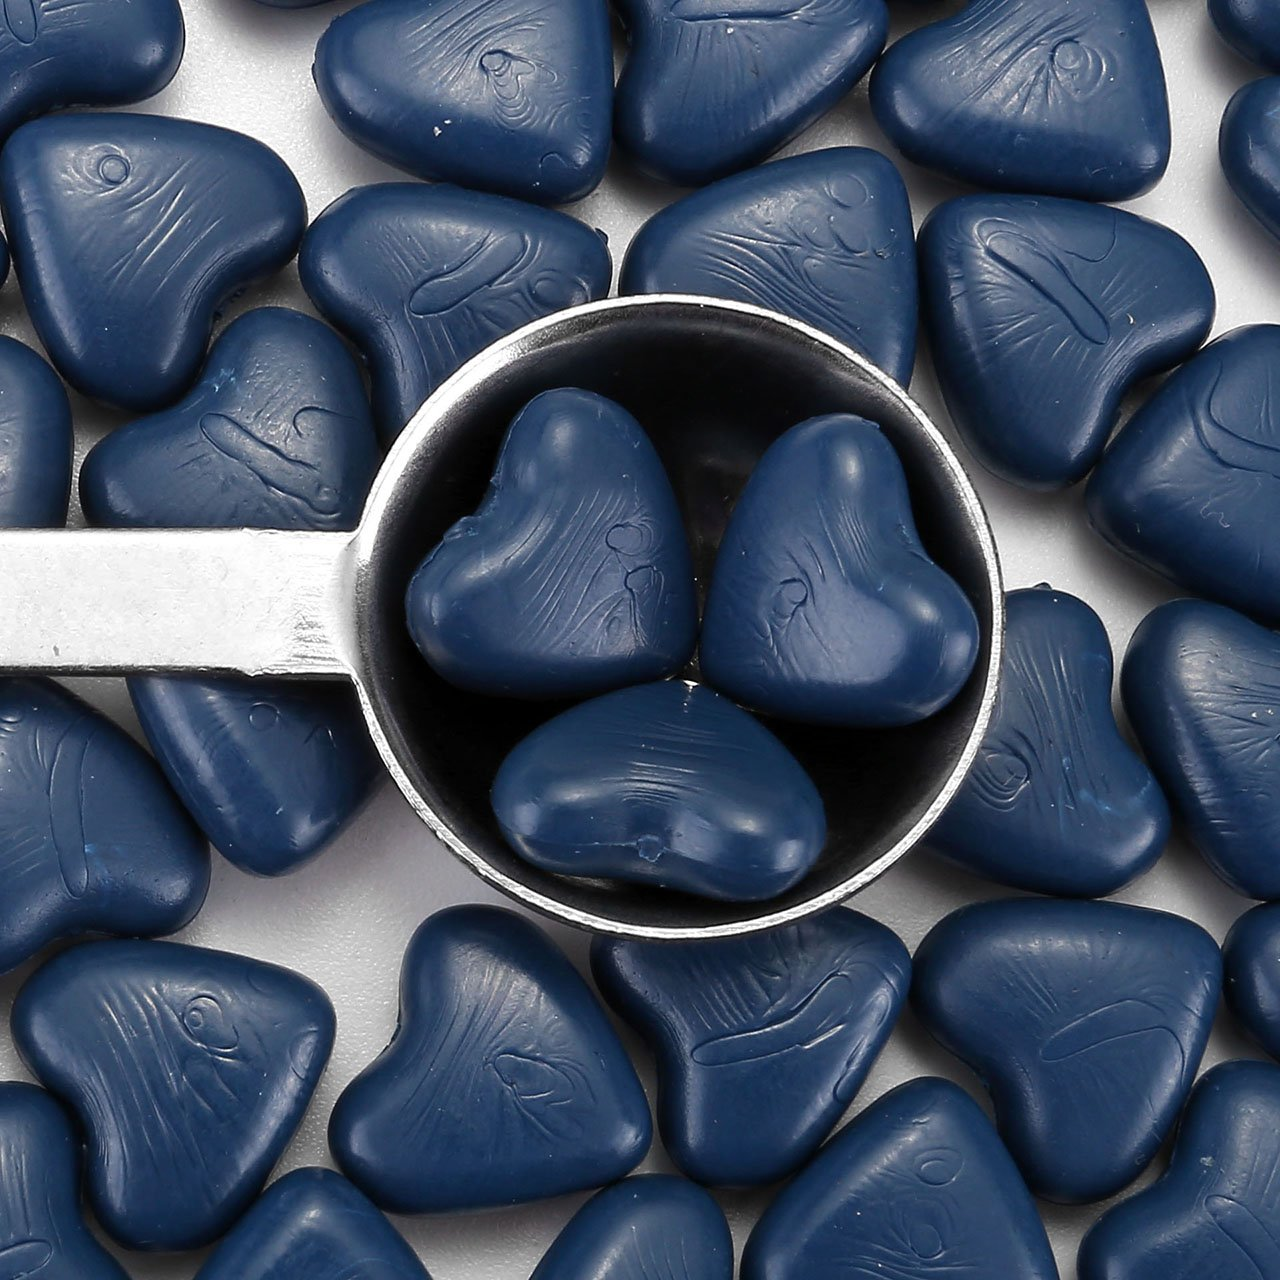 Bronze Mogoko Siegellack Perlen Herzart Europ/äische Retro Siegelwachs Perlen-Set mit 1 St/ück Wachs Schmelzen L/öffel und 2 St/ück Kerzen f/ür Umschlag Briefkopf Geschenkset